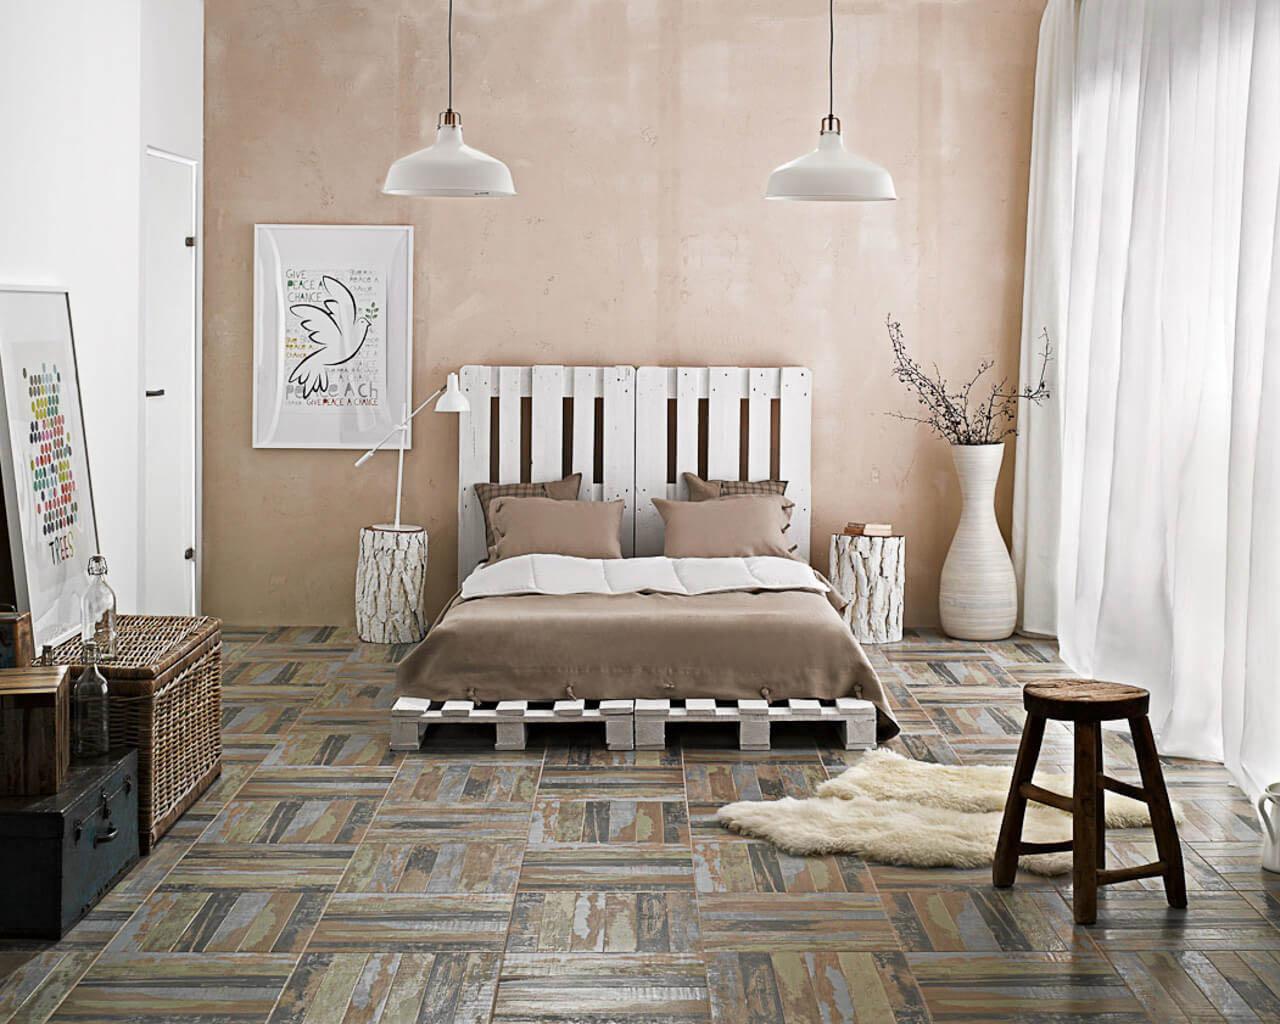 Przytulna sypialnia z podłogą jak parkiet i łóżkiem z palet